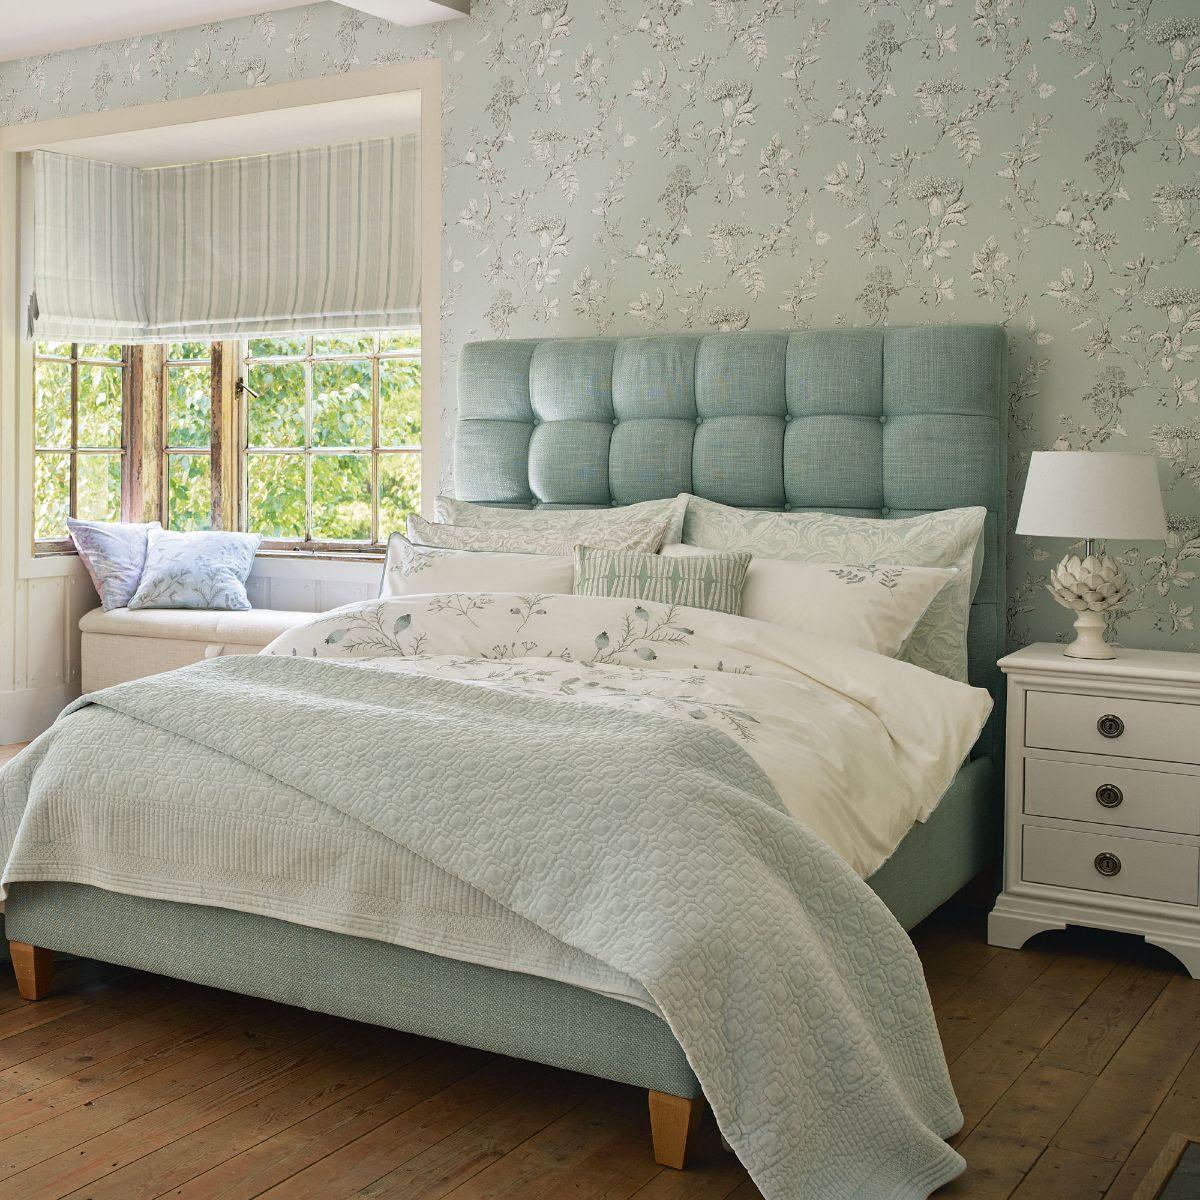 comprar fundas nórdicas para cama de calidad y estampados bonitos